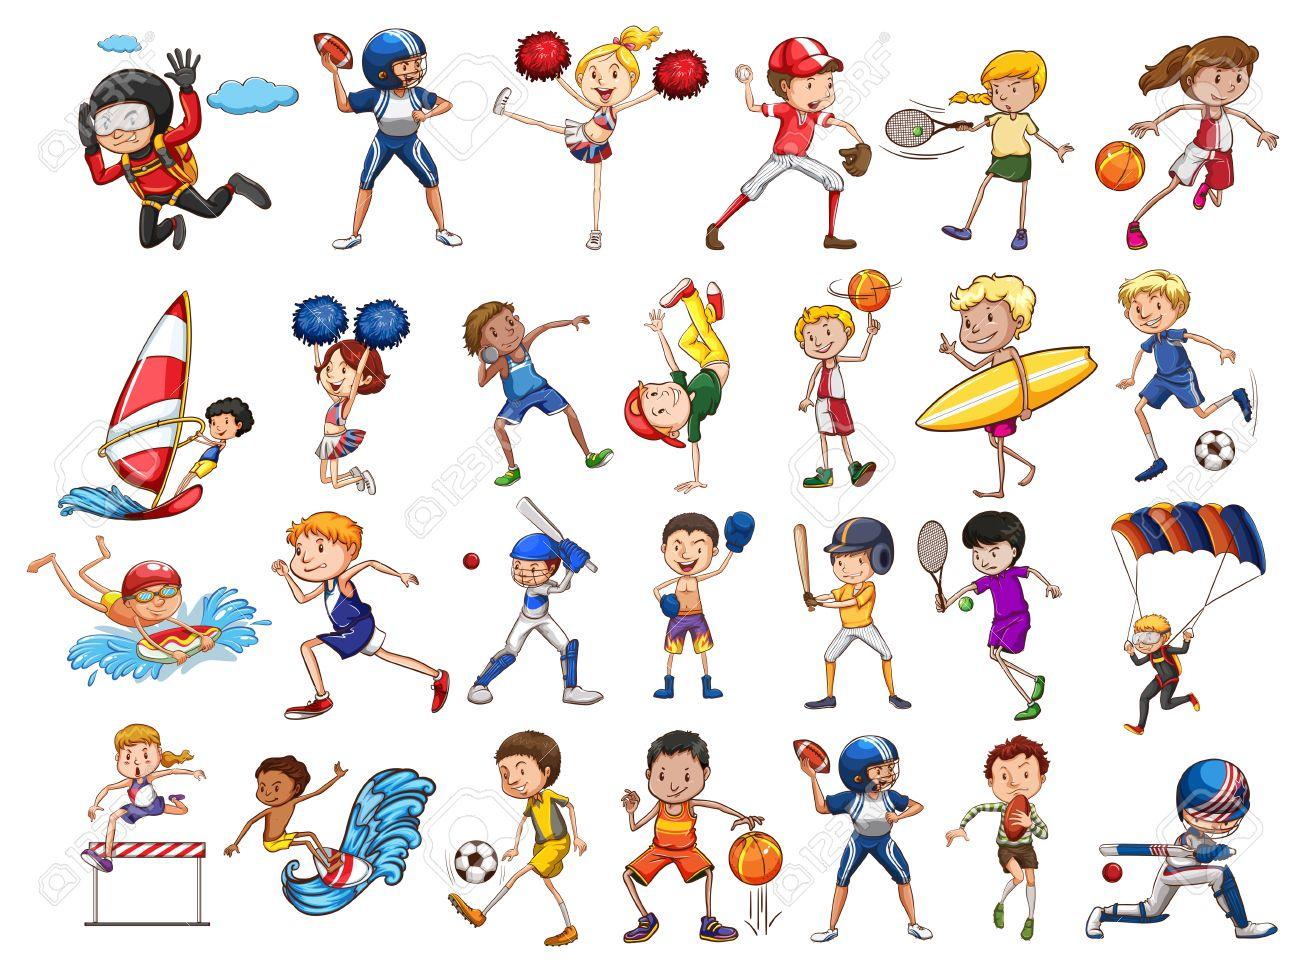 様々 なスポーツのイラストを練習する人々 ロイヤリティフリークリップ